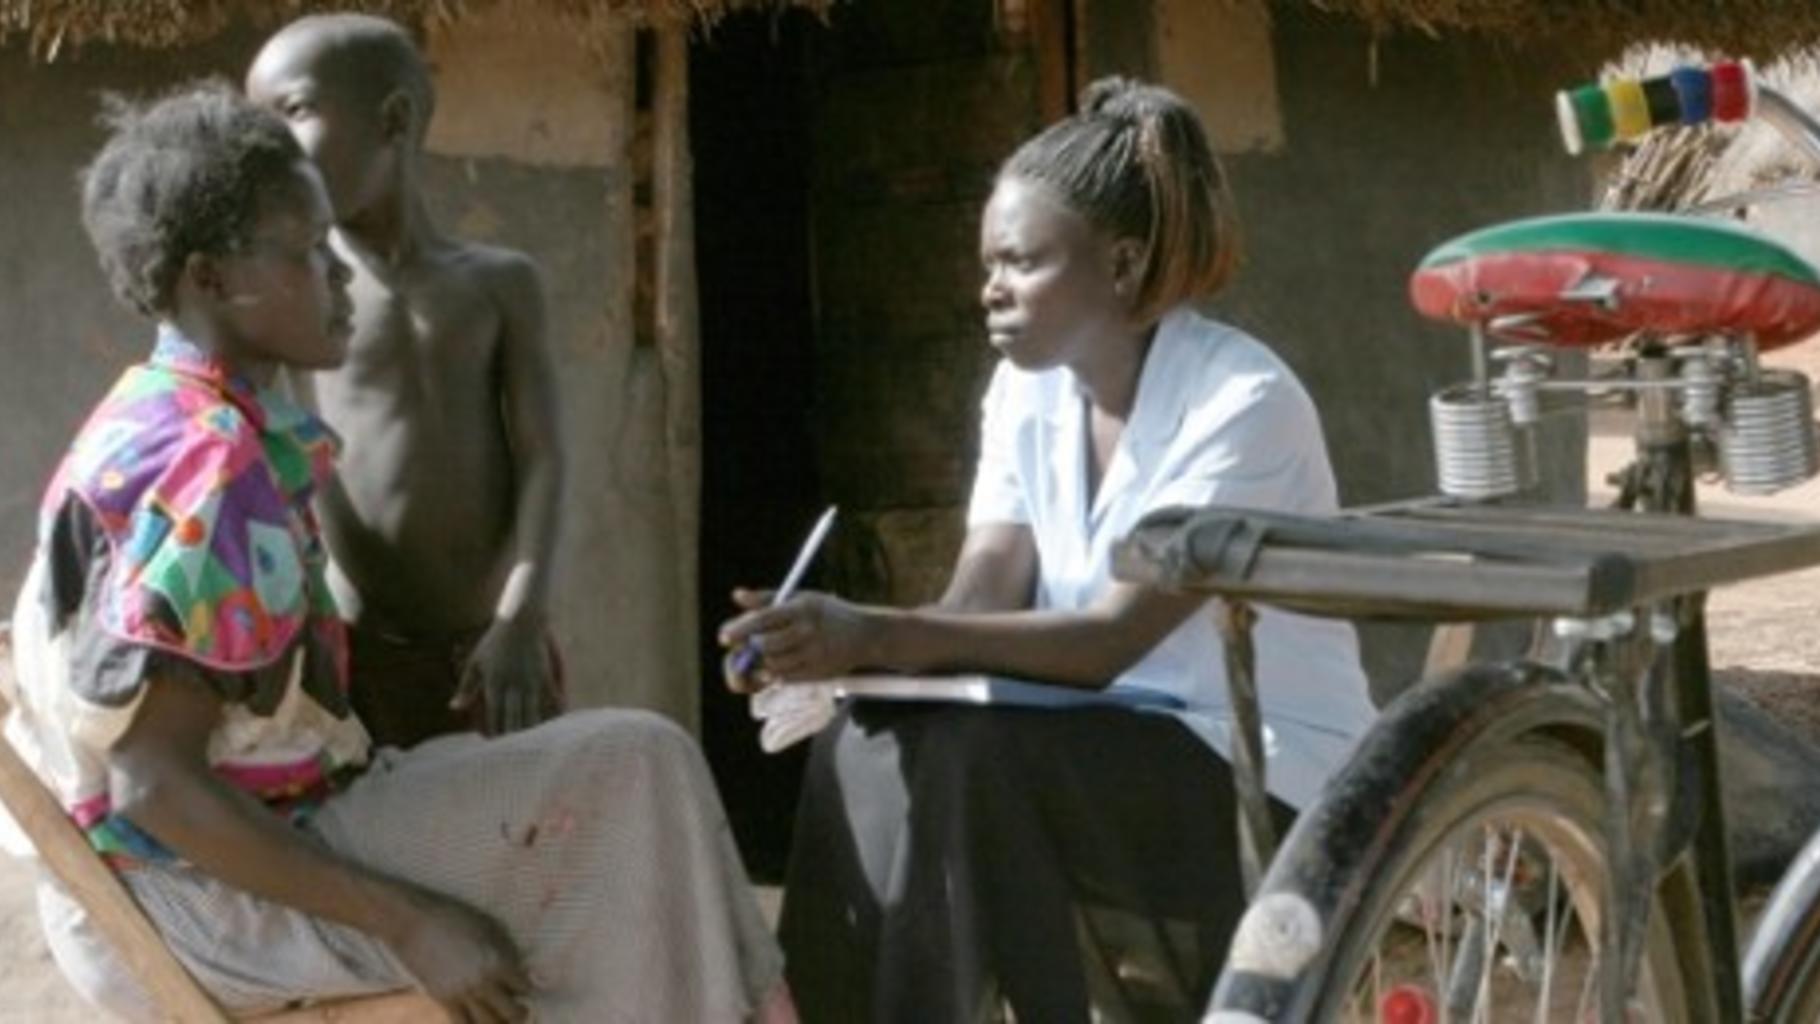 Foto: eine Gesundheitsberaterin in Uganda bei einem Hausbesuch